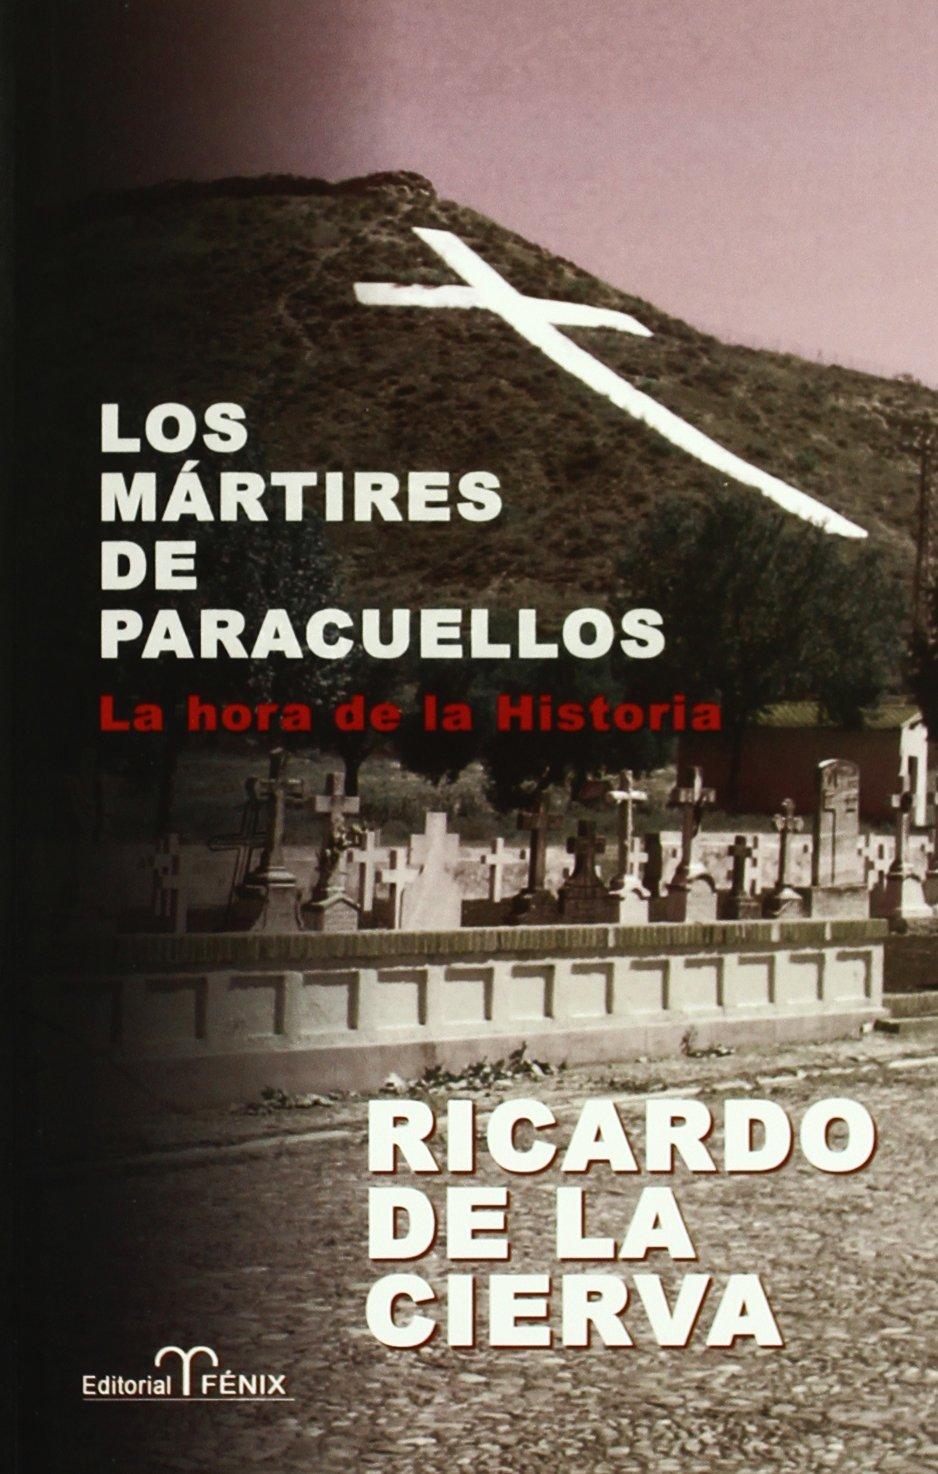 Martires De Paracuellos, Los: Amazon.es: Cierva, Ricardo De La: Libros